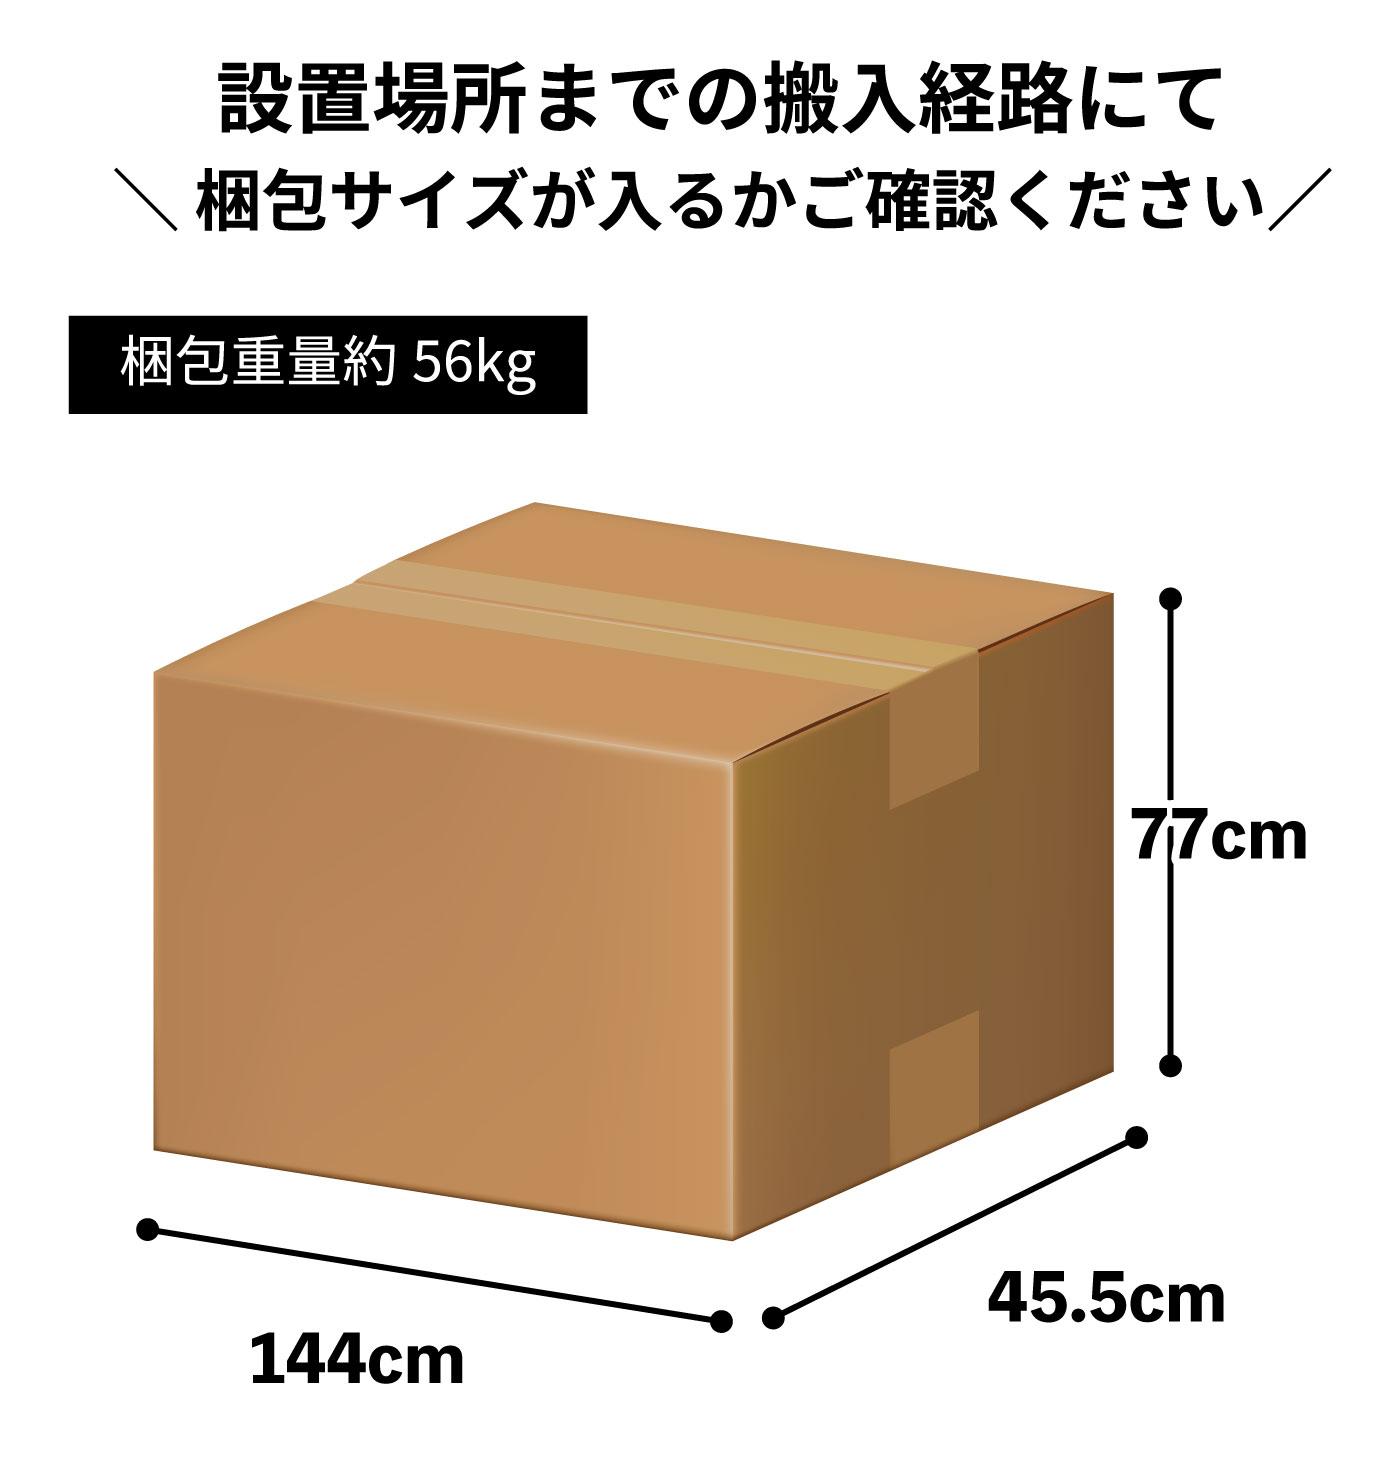 SE205-43の梱包サイズ